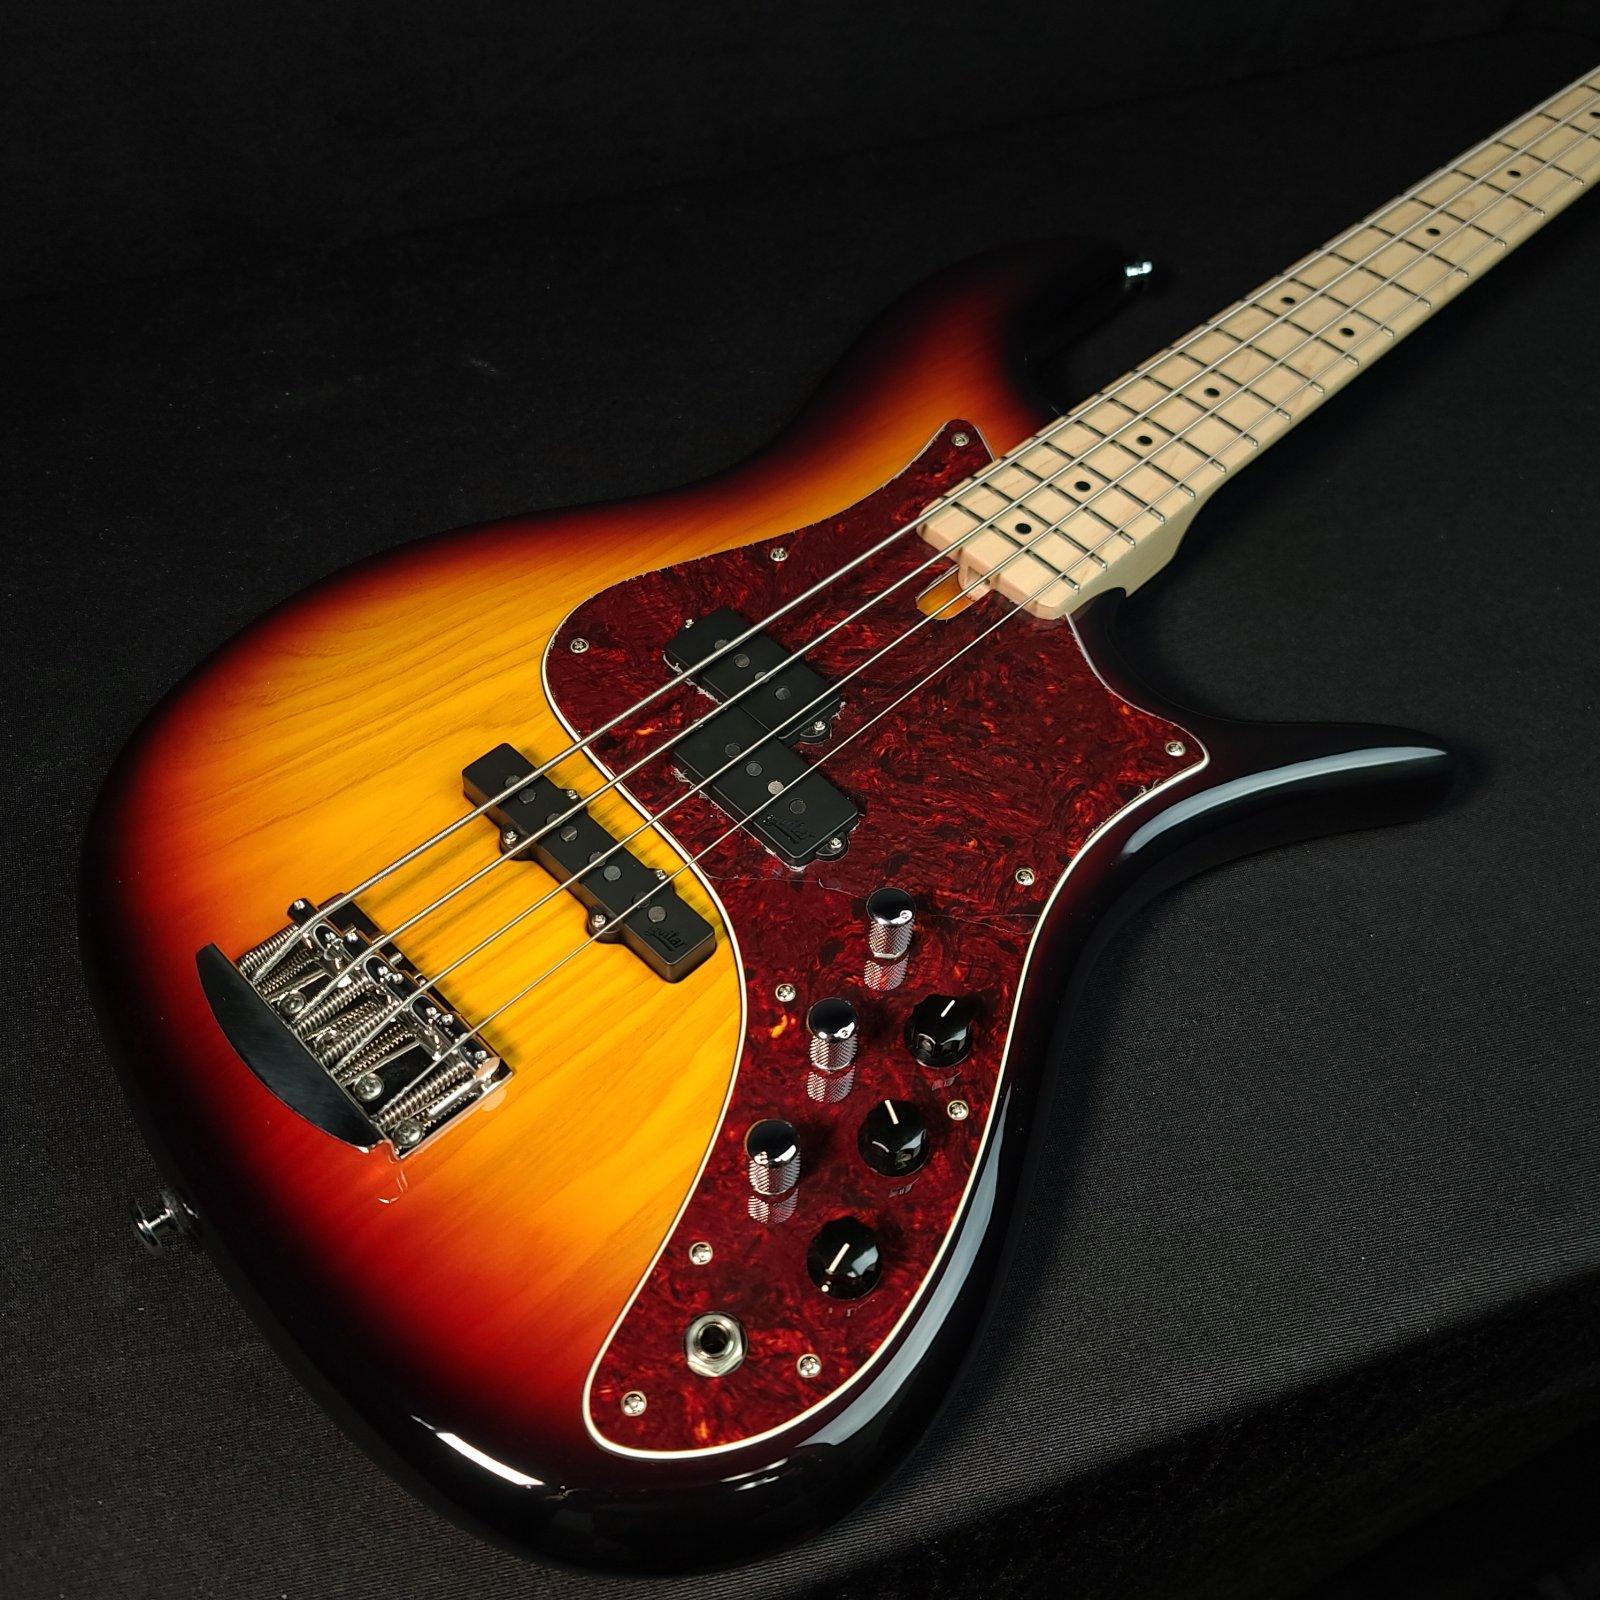 F Bass VF4-PJ 4 String Bass 2-Piece Ash Body w/ Gig Bag